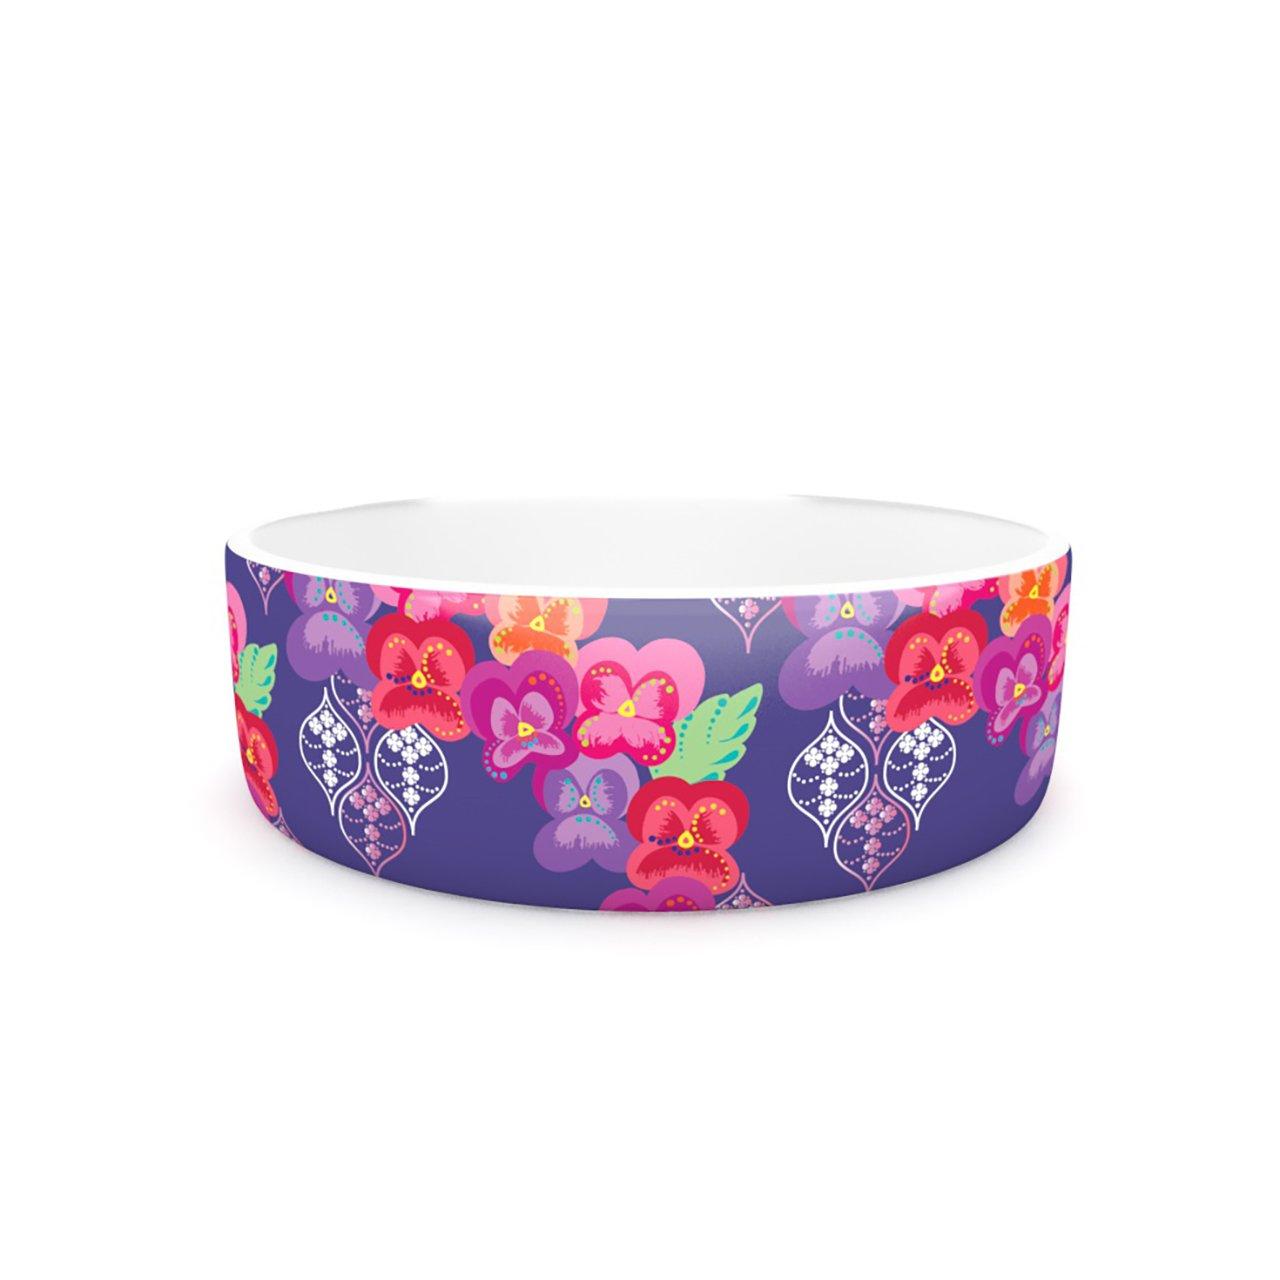 Kess InHouse Anneline Sophia Beautifully Boho  Pet Bowl, 7-Inch, Purple